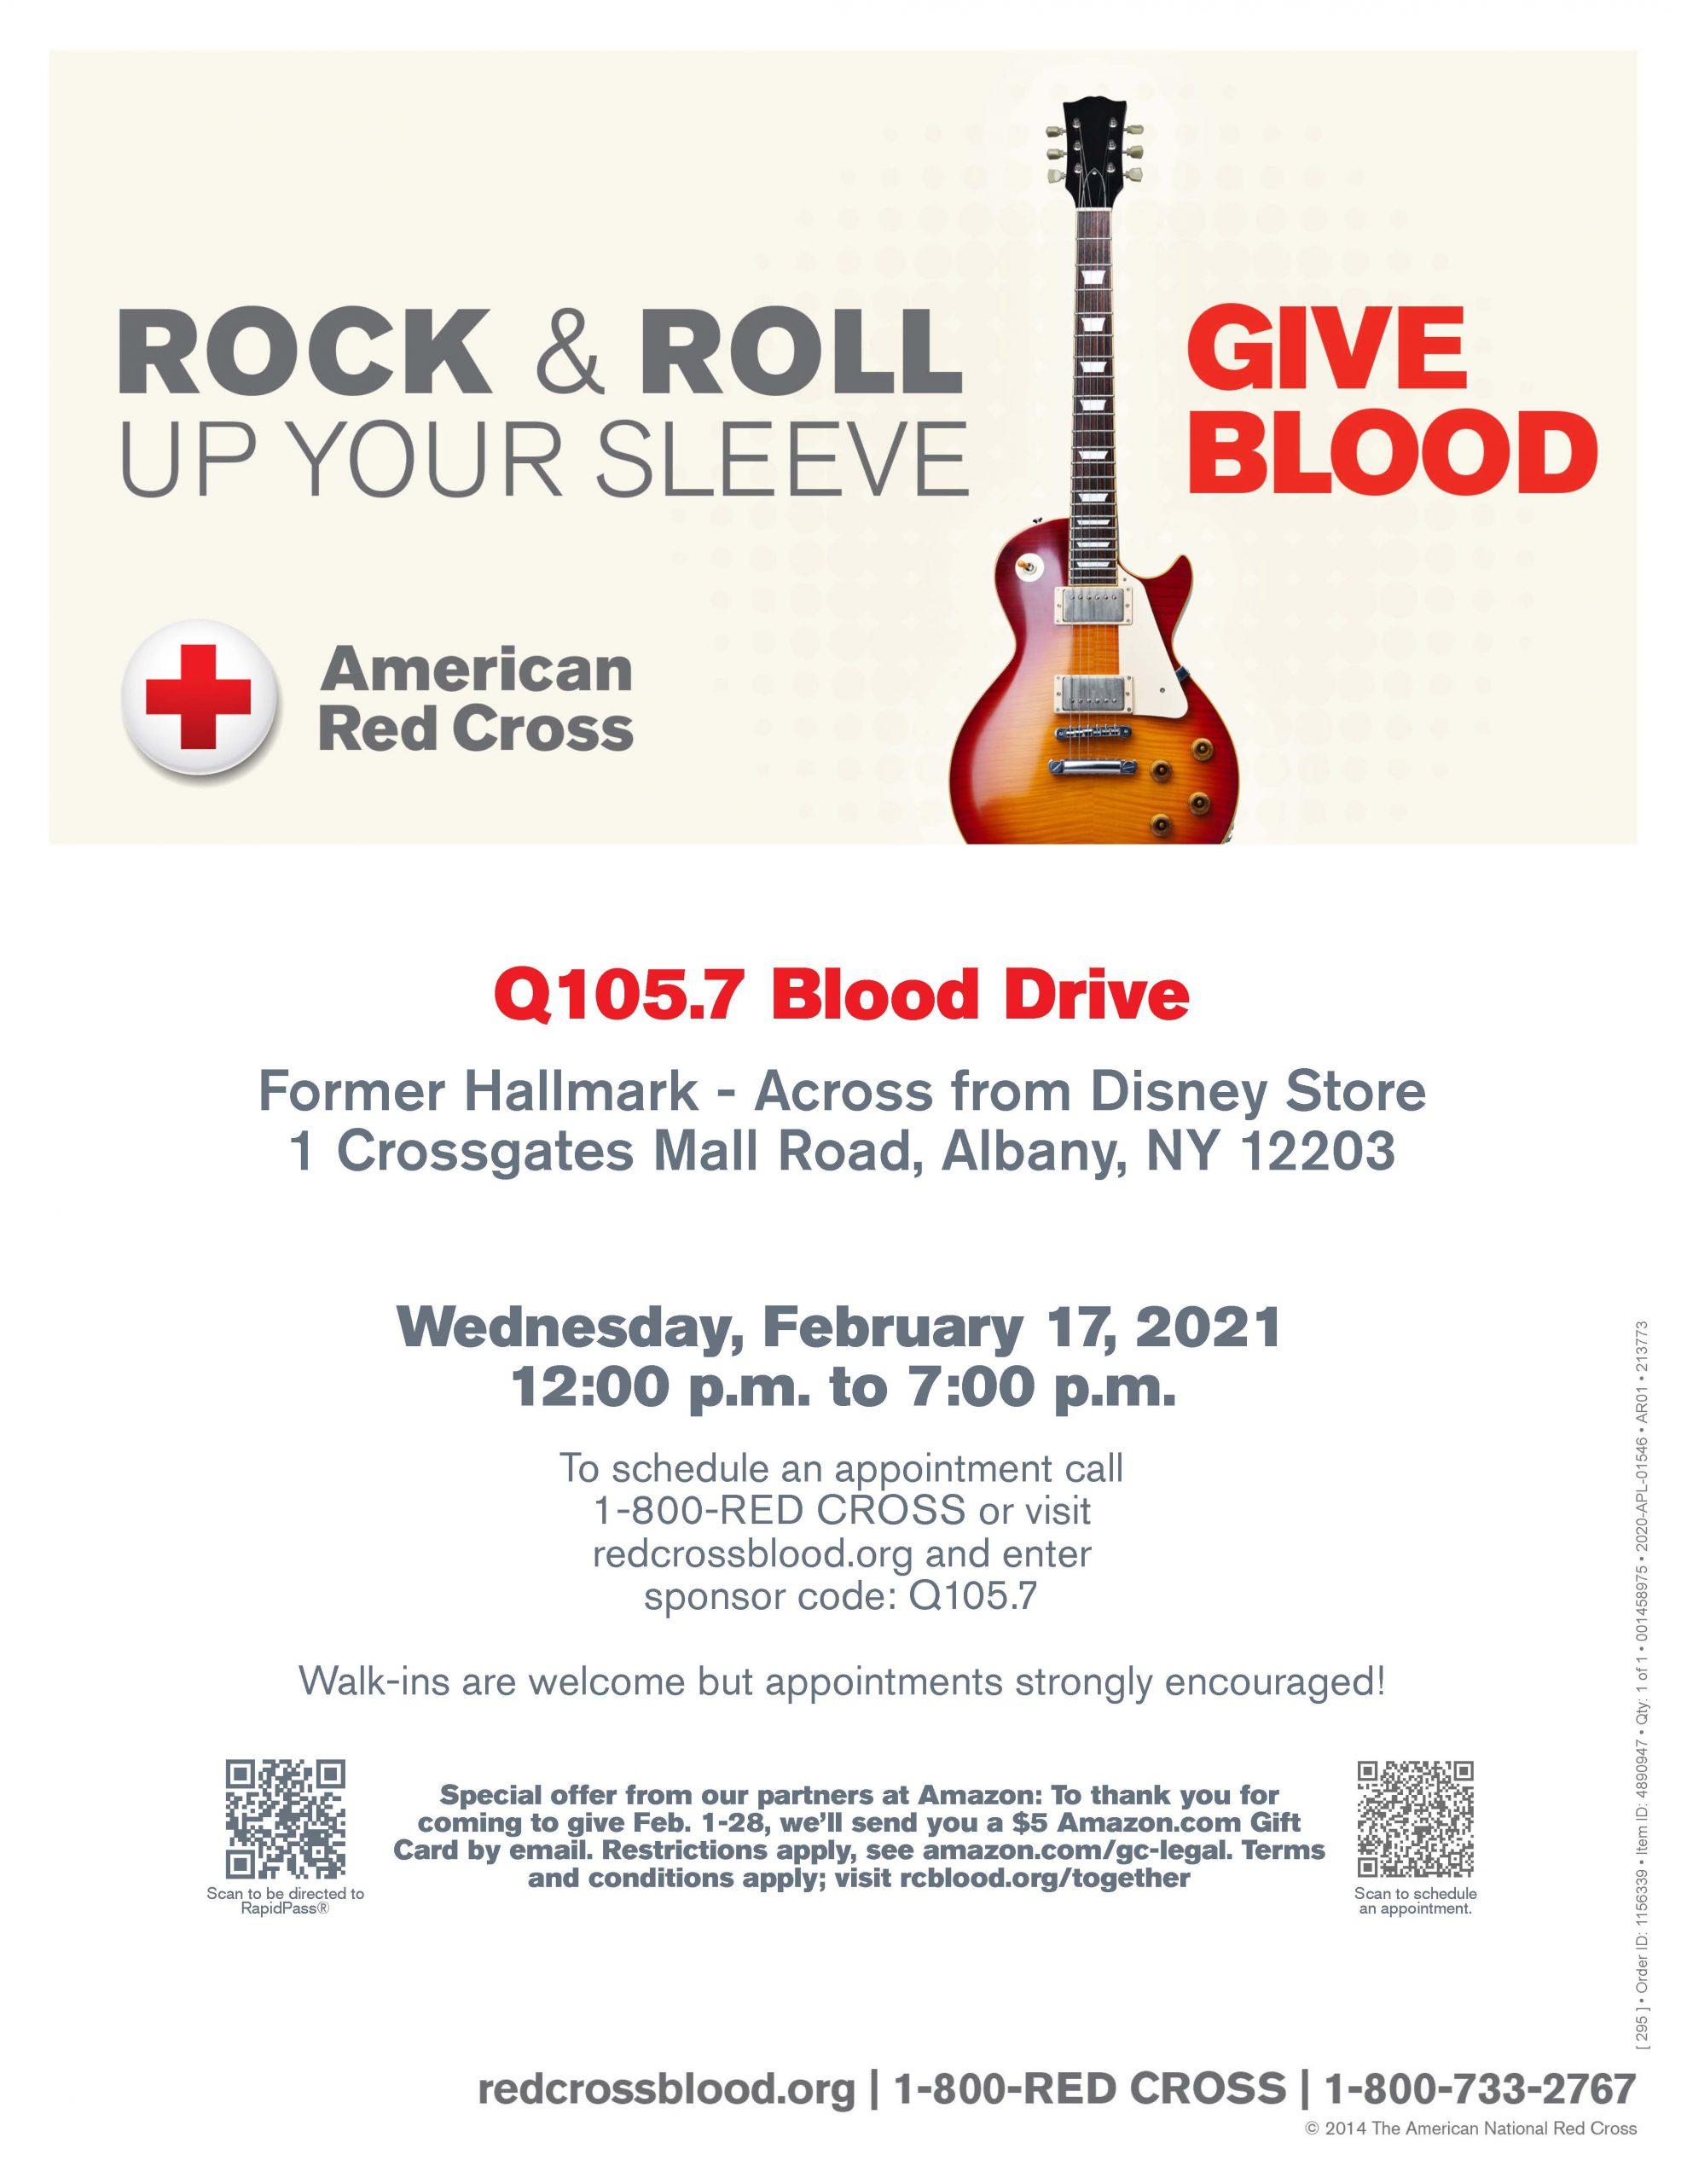 Q105.7 Blood Drive Feb 2021